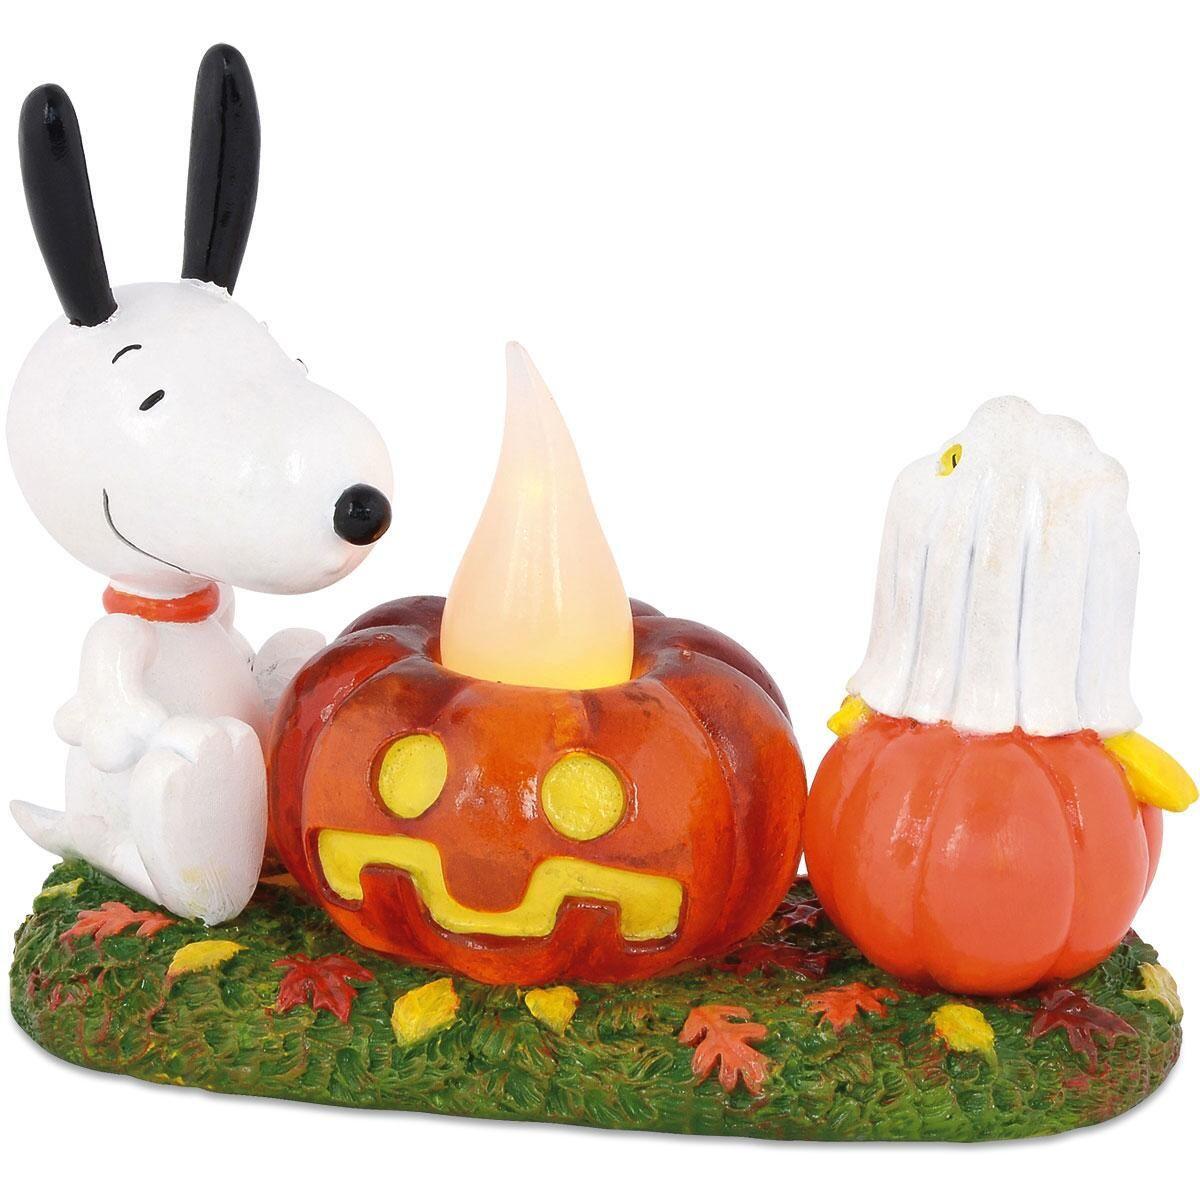 Snoopy's Pumpkin Surprise